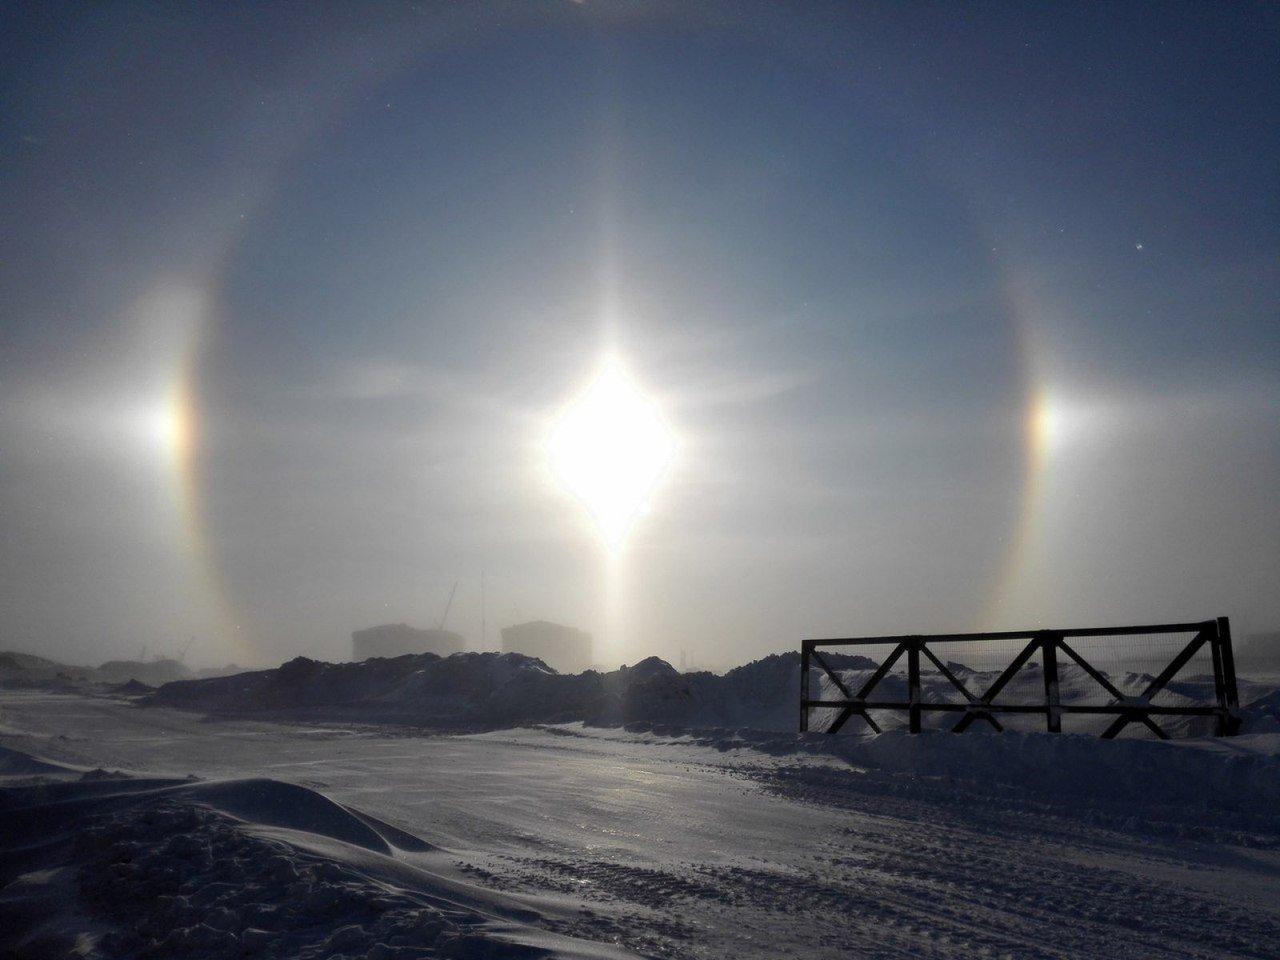 Два дня белгородцы наблюдали редкие природные явления — световой столб и ложное солнце, фото-1